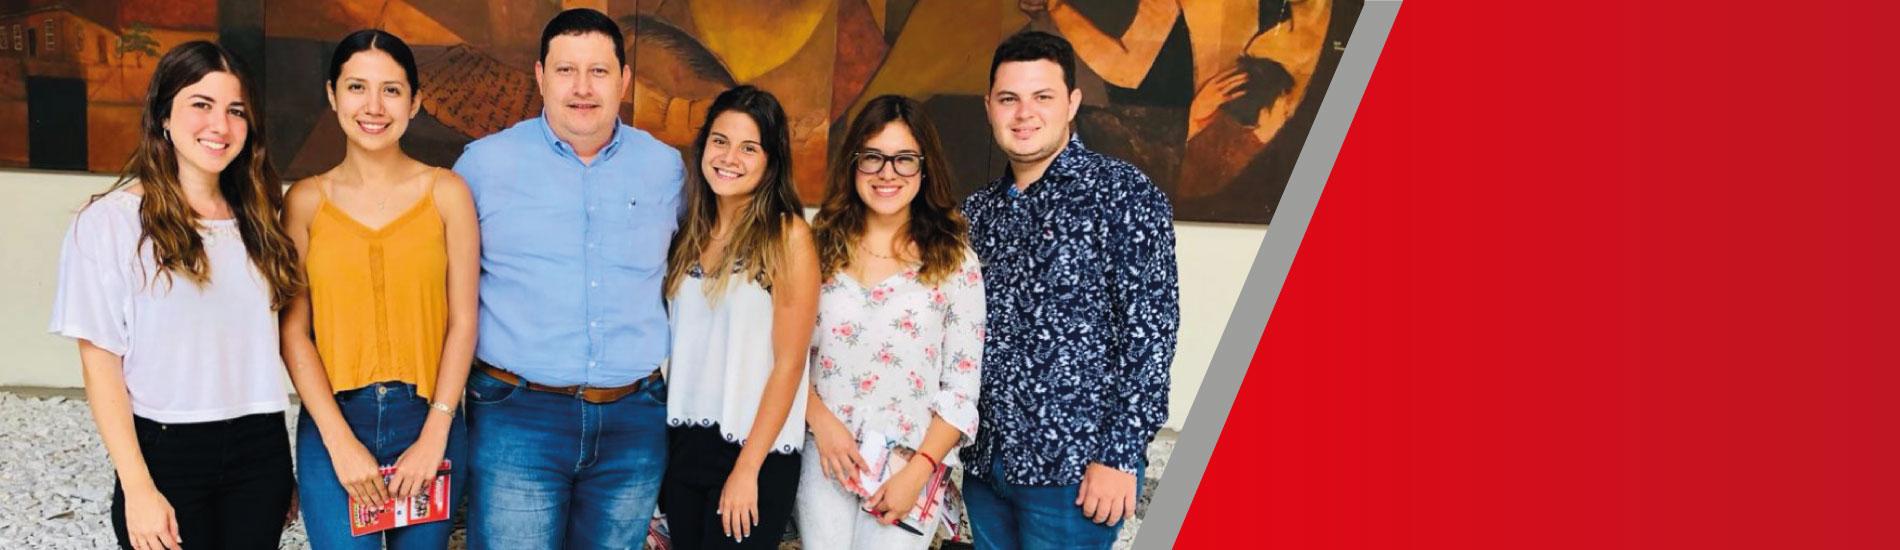 5 estudiantes extranjeros llegaron a la UFPS para complementar su formación académica